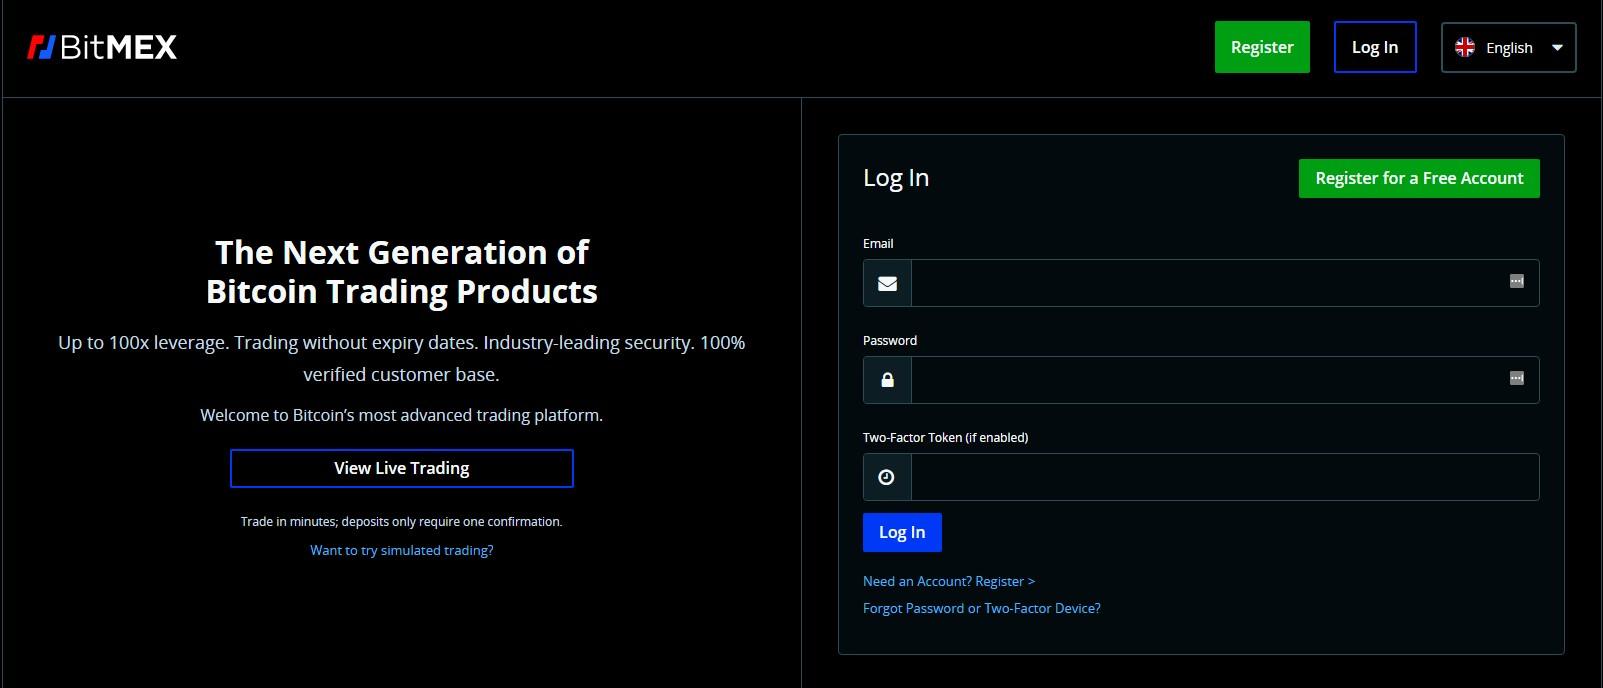 BitMEX homepage